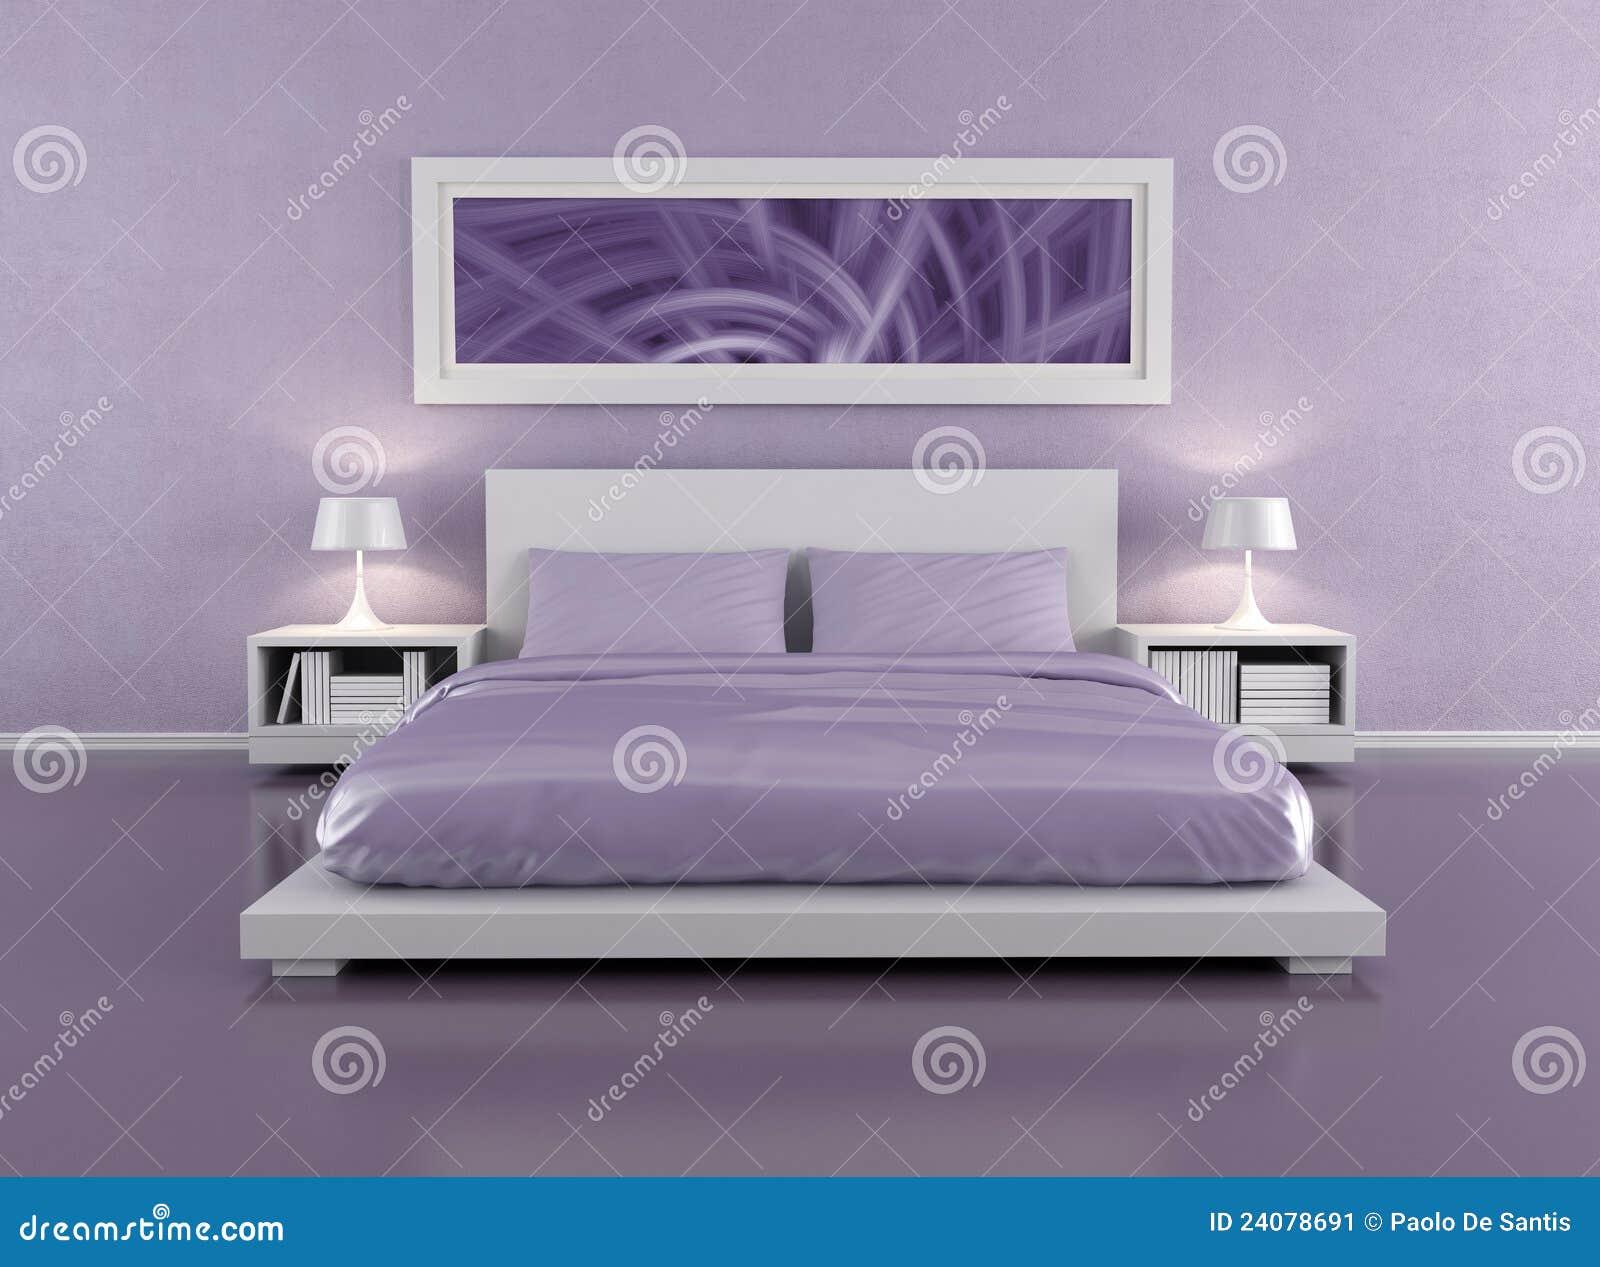 Lila Schlafzimmer stock abbildung. Illustration von möbel ...